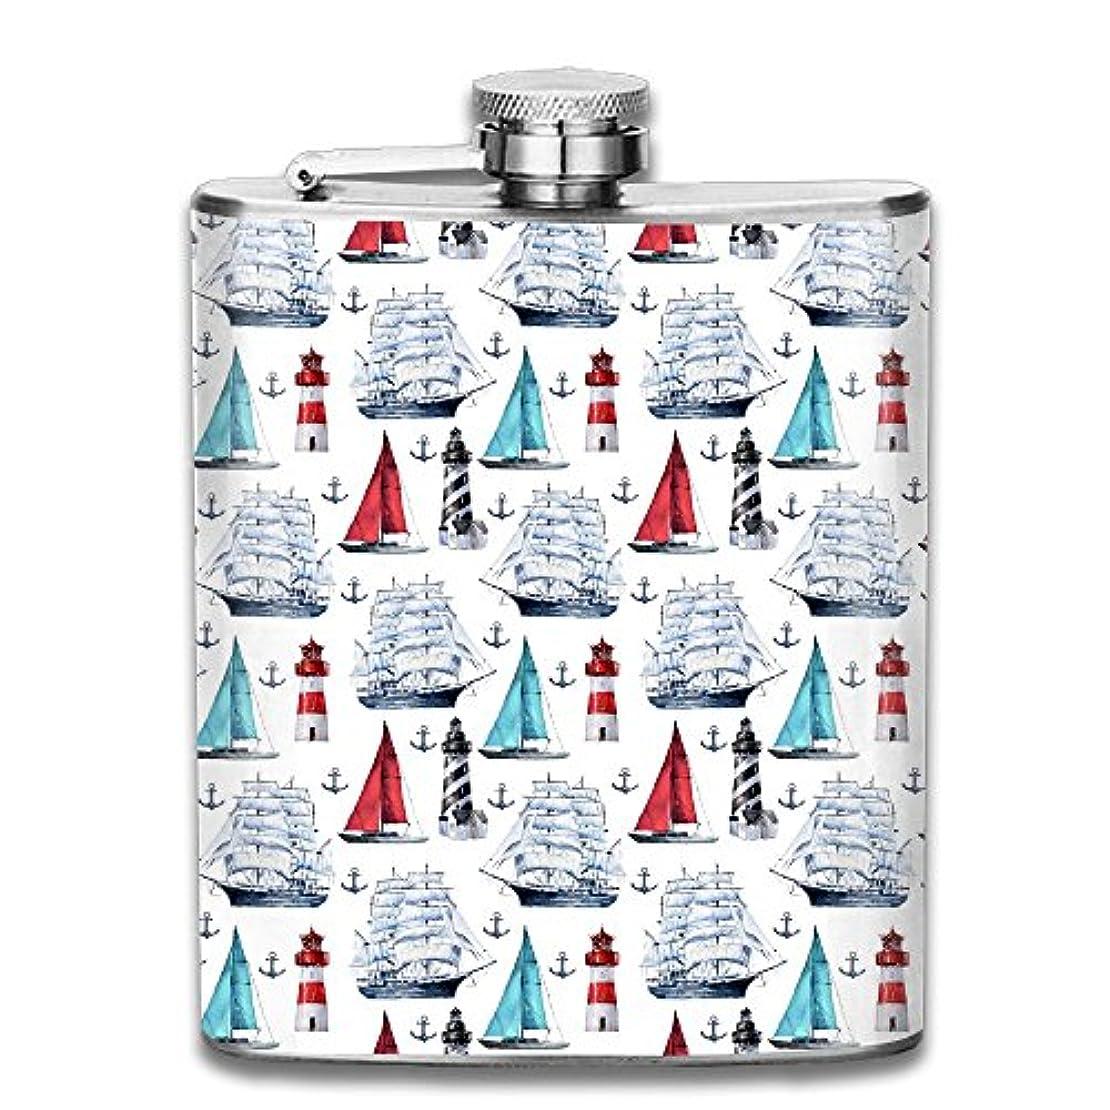 シーン酸化するに頼る船と灯台 フラスコ スキットル ヒップフラスコ 7オンス 206ml 高品質ステンレス製 ウイスキー アルコール 清酒 携帯 ボトル